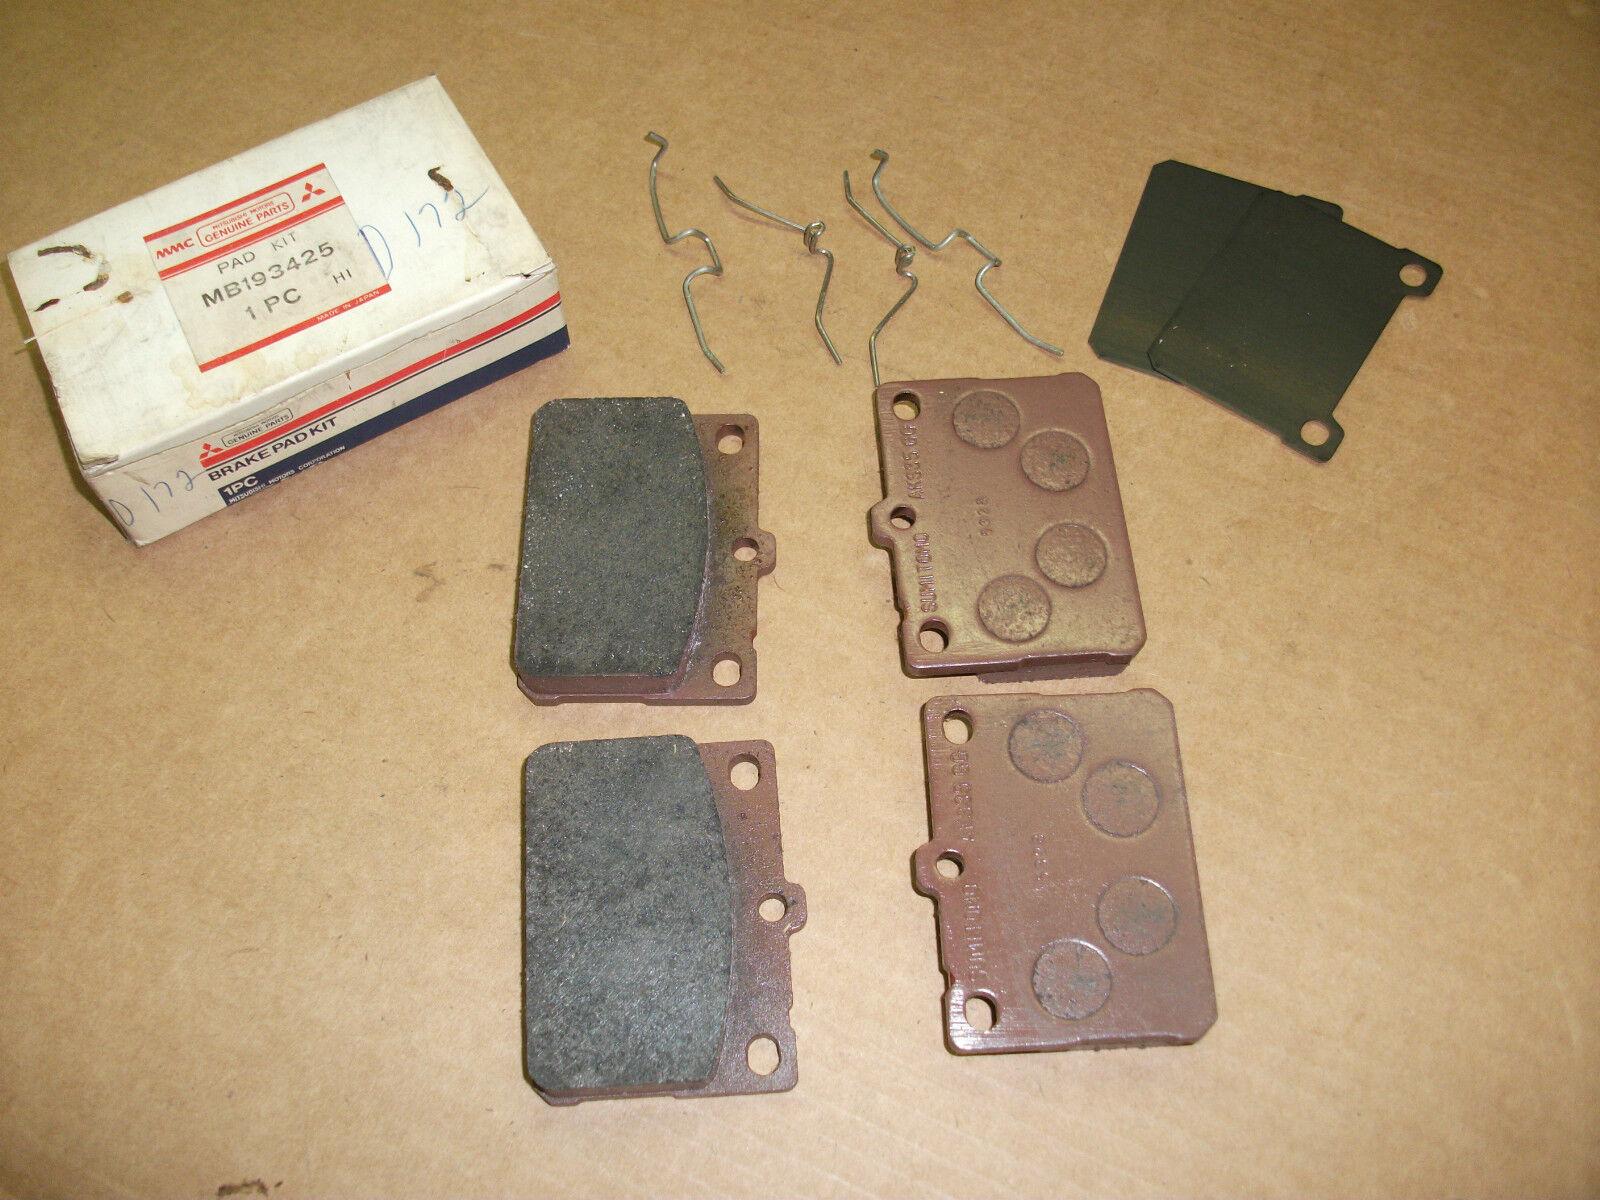 NOS Mopar Mitsubishi 1973-1984 Colt Arrow disc brake pads MB193425